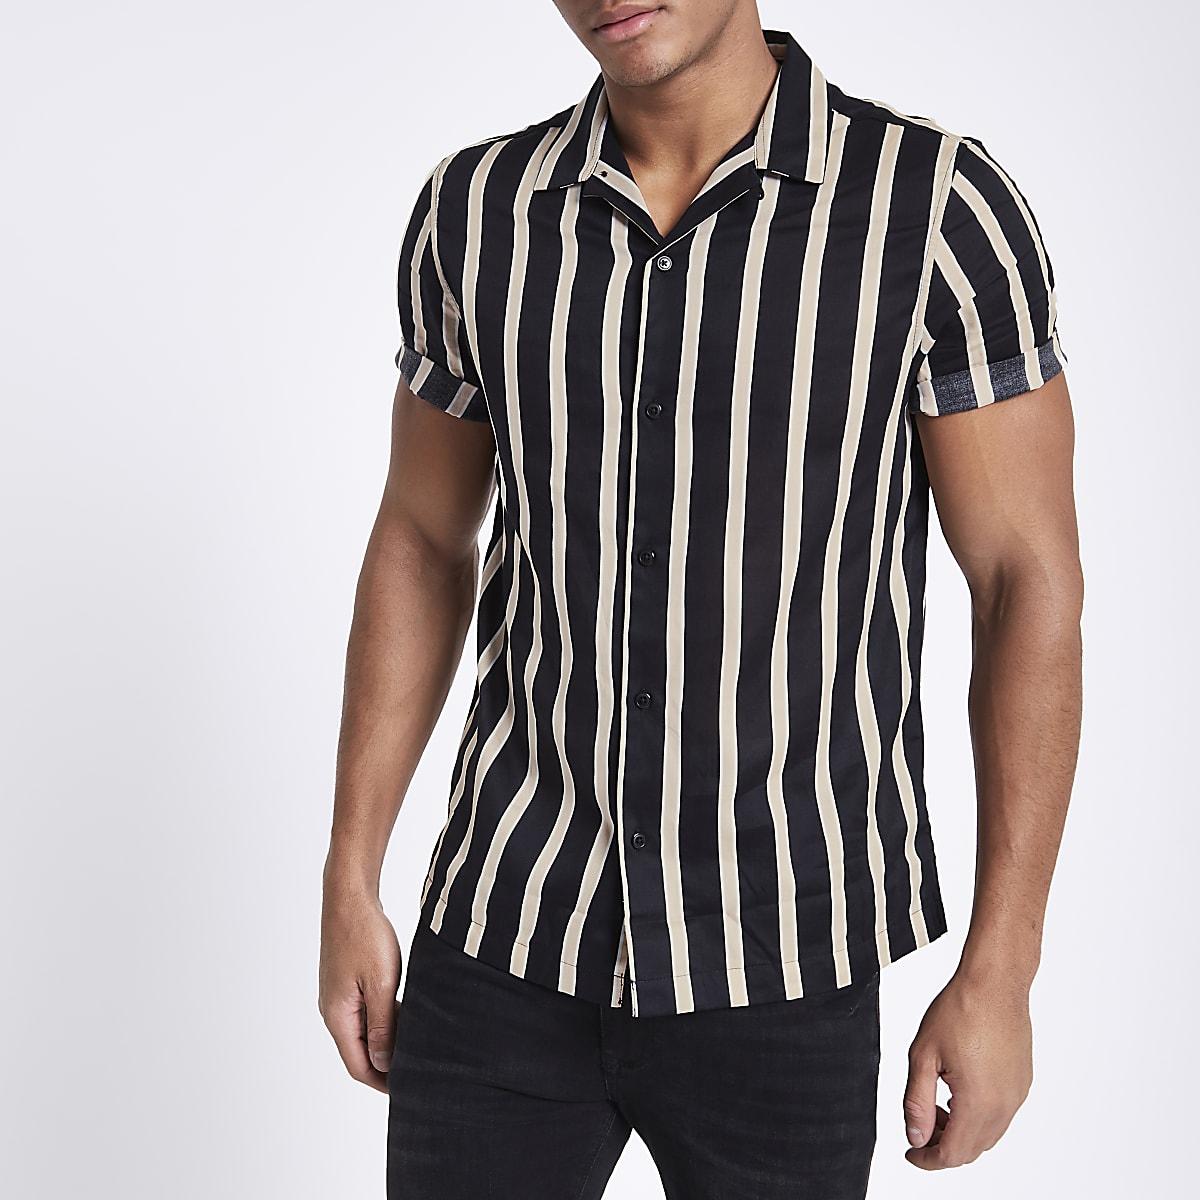 Gestreept Overhemd.Zwart Gestreept Overhemd Van Keperstof Met Korte Mouwen Overhemden